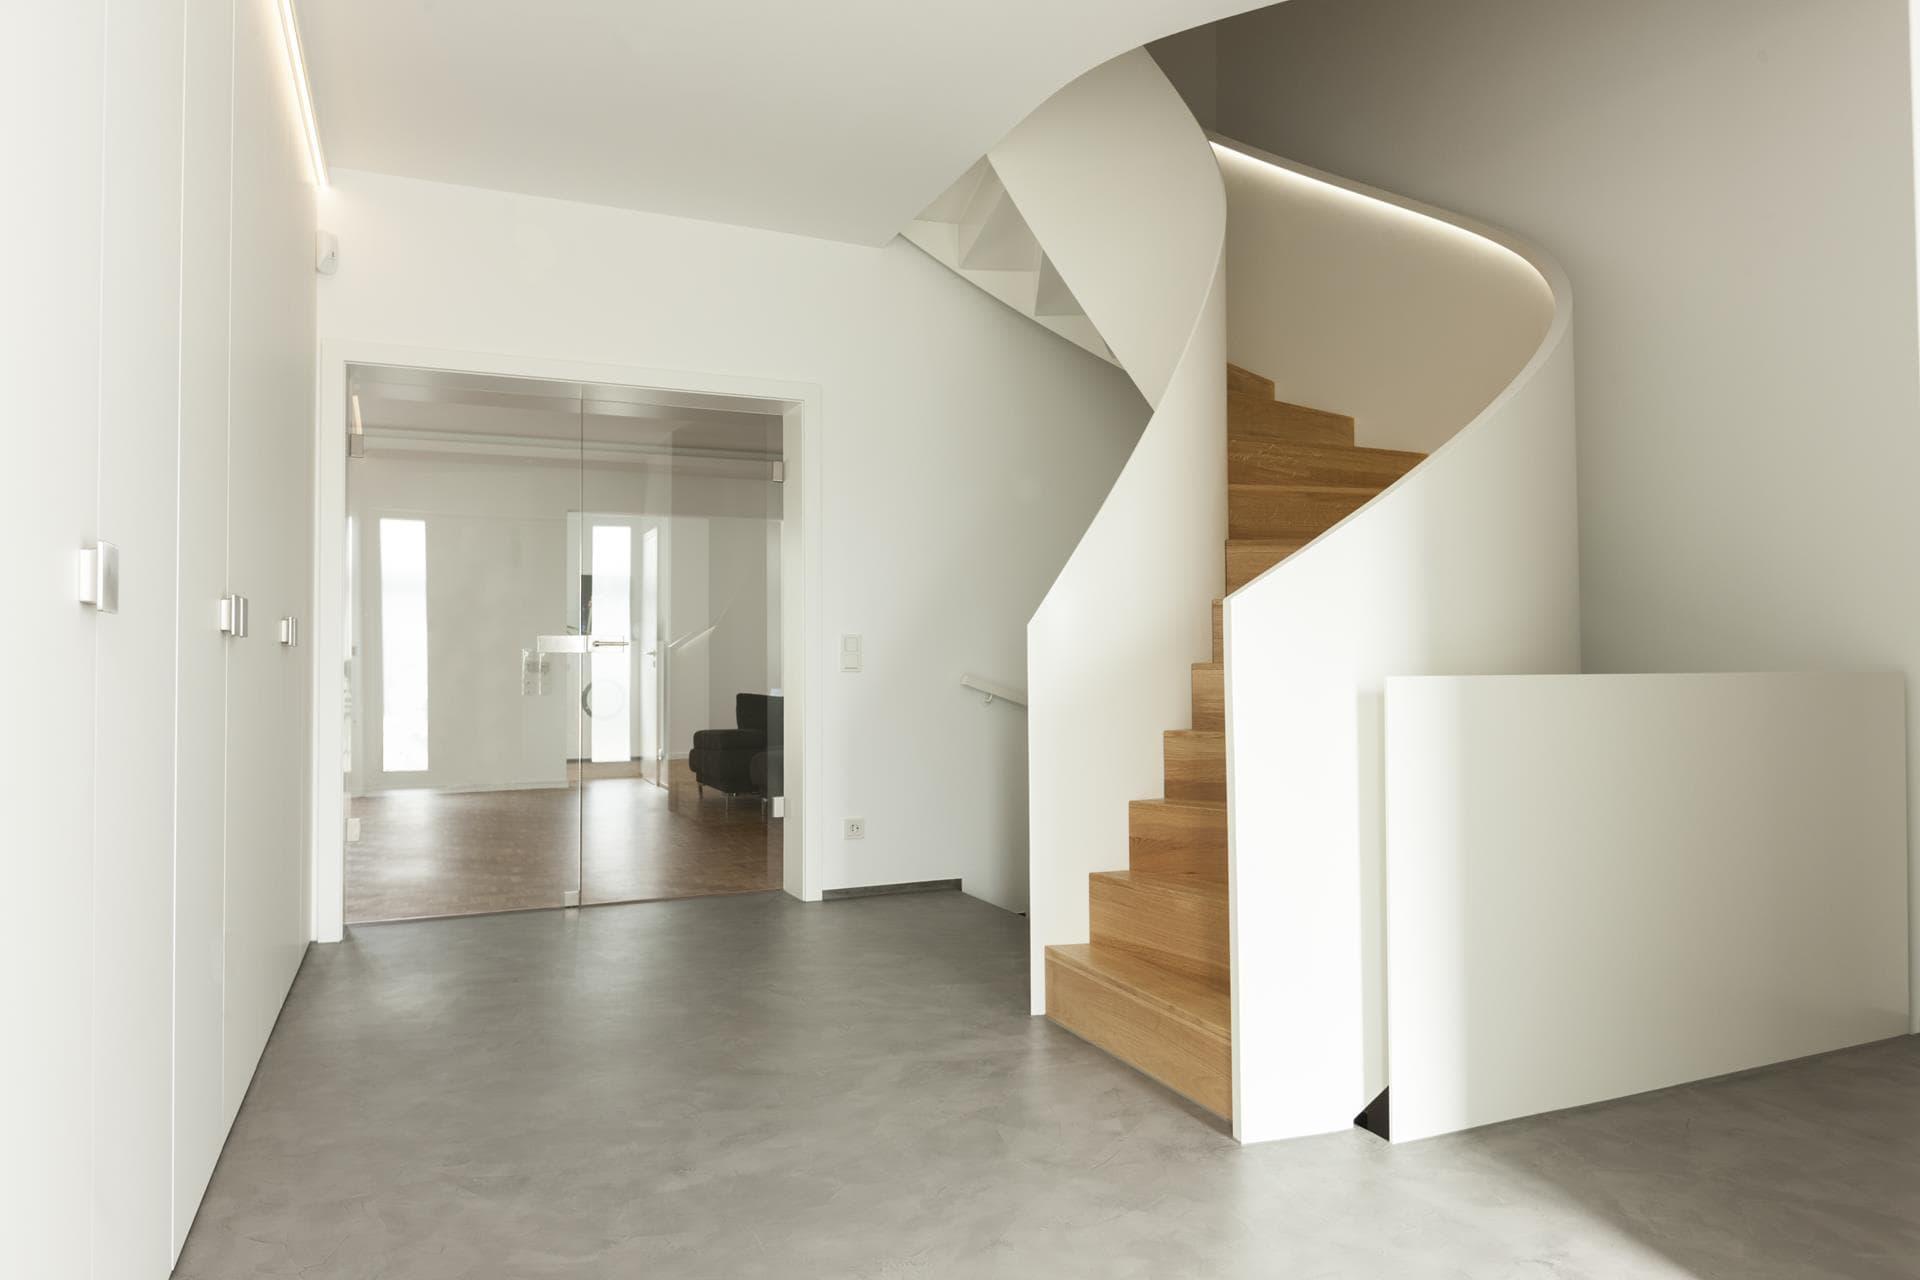 Fußboden Modern ~ Fußboden modern jukebox die besten bilder von rooms modern sofa